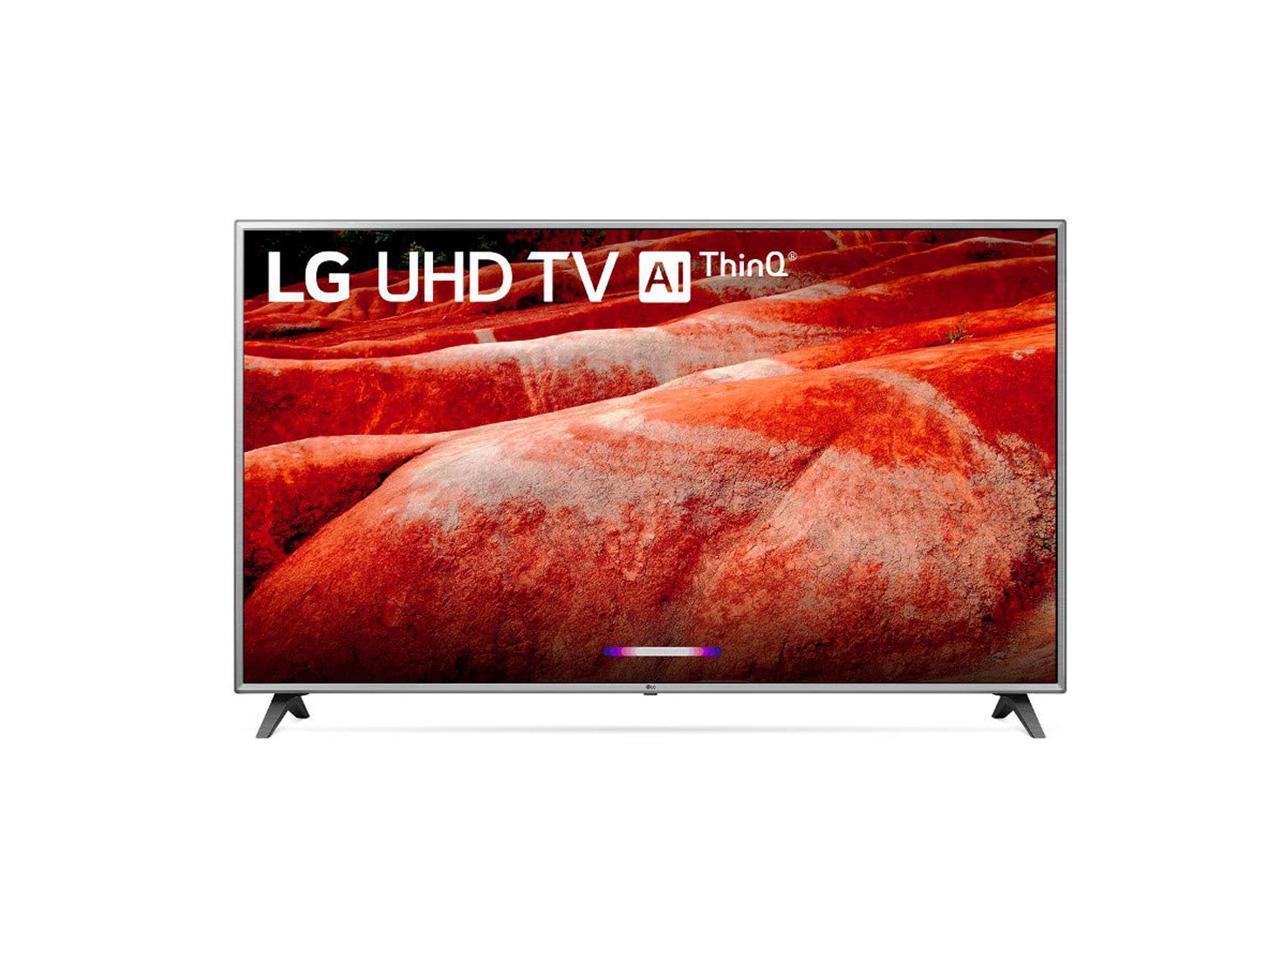 LG 82UM8070PUA 82 Class HDR 4K UHD LED Smart TV $1499 Shipped